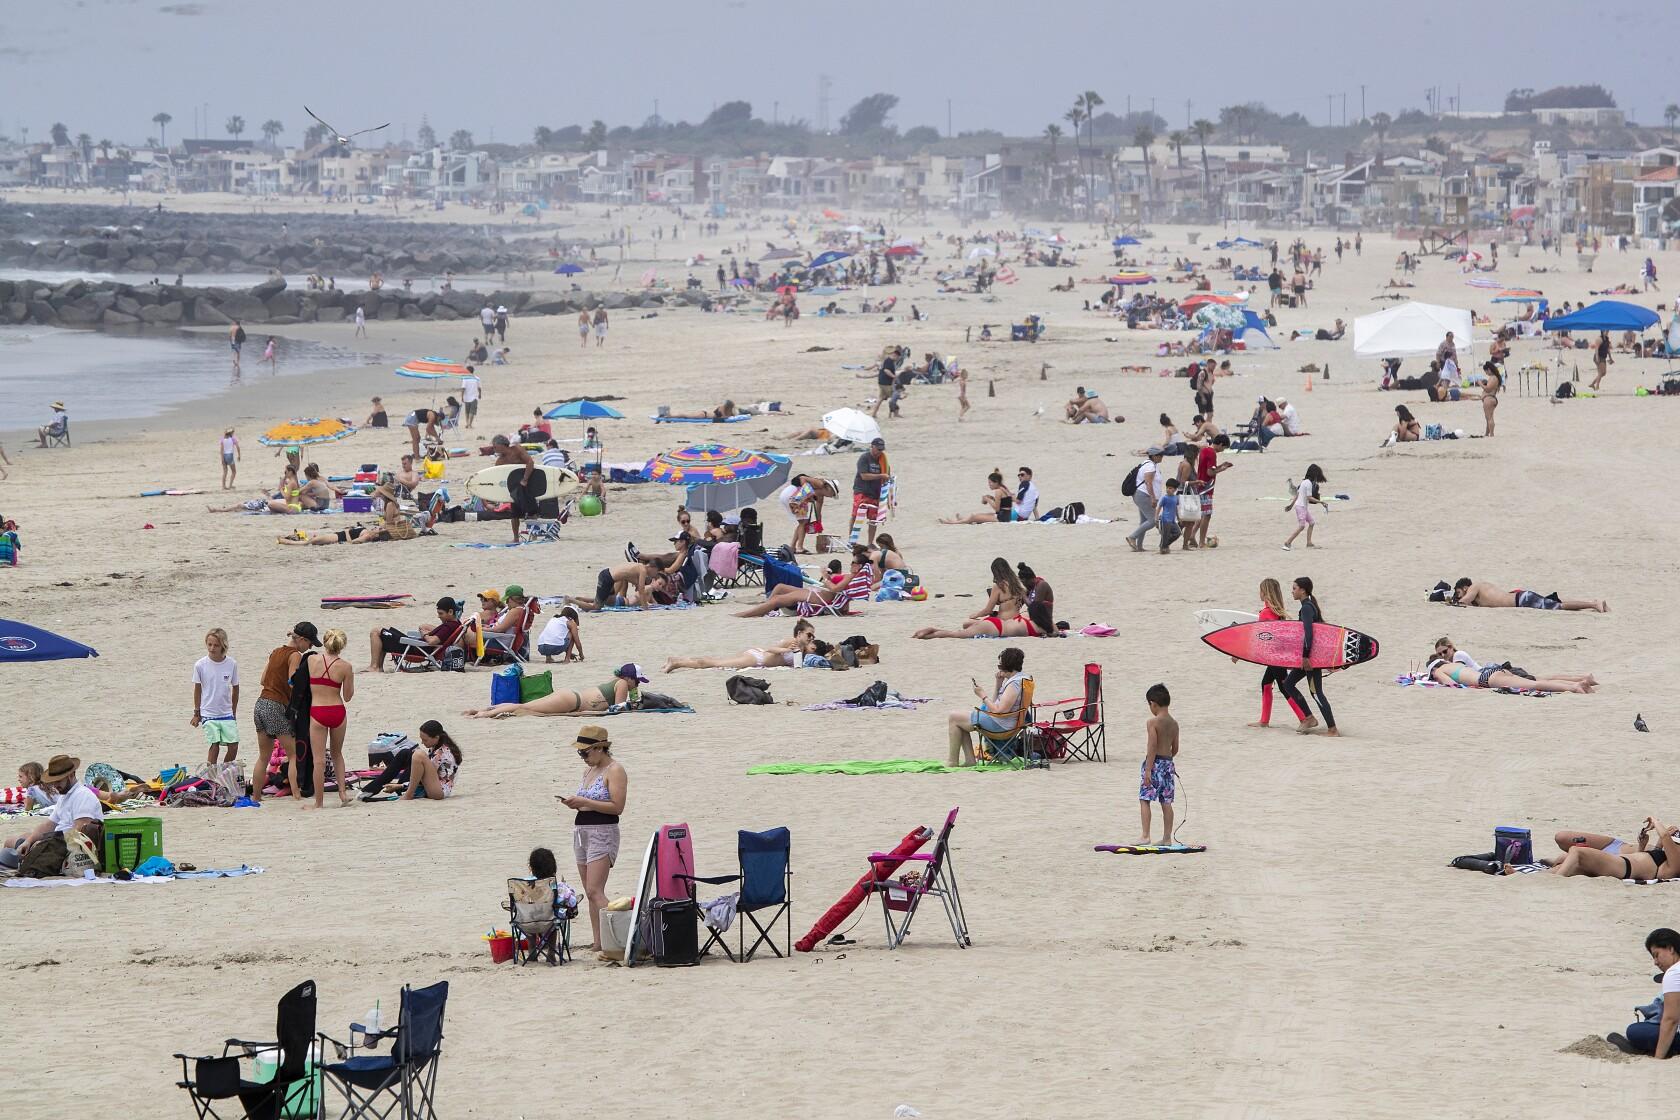 newport beach - photo #28